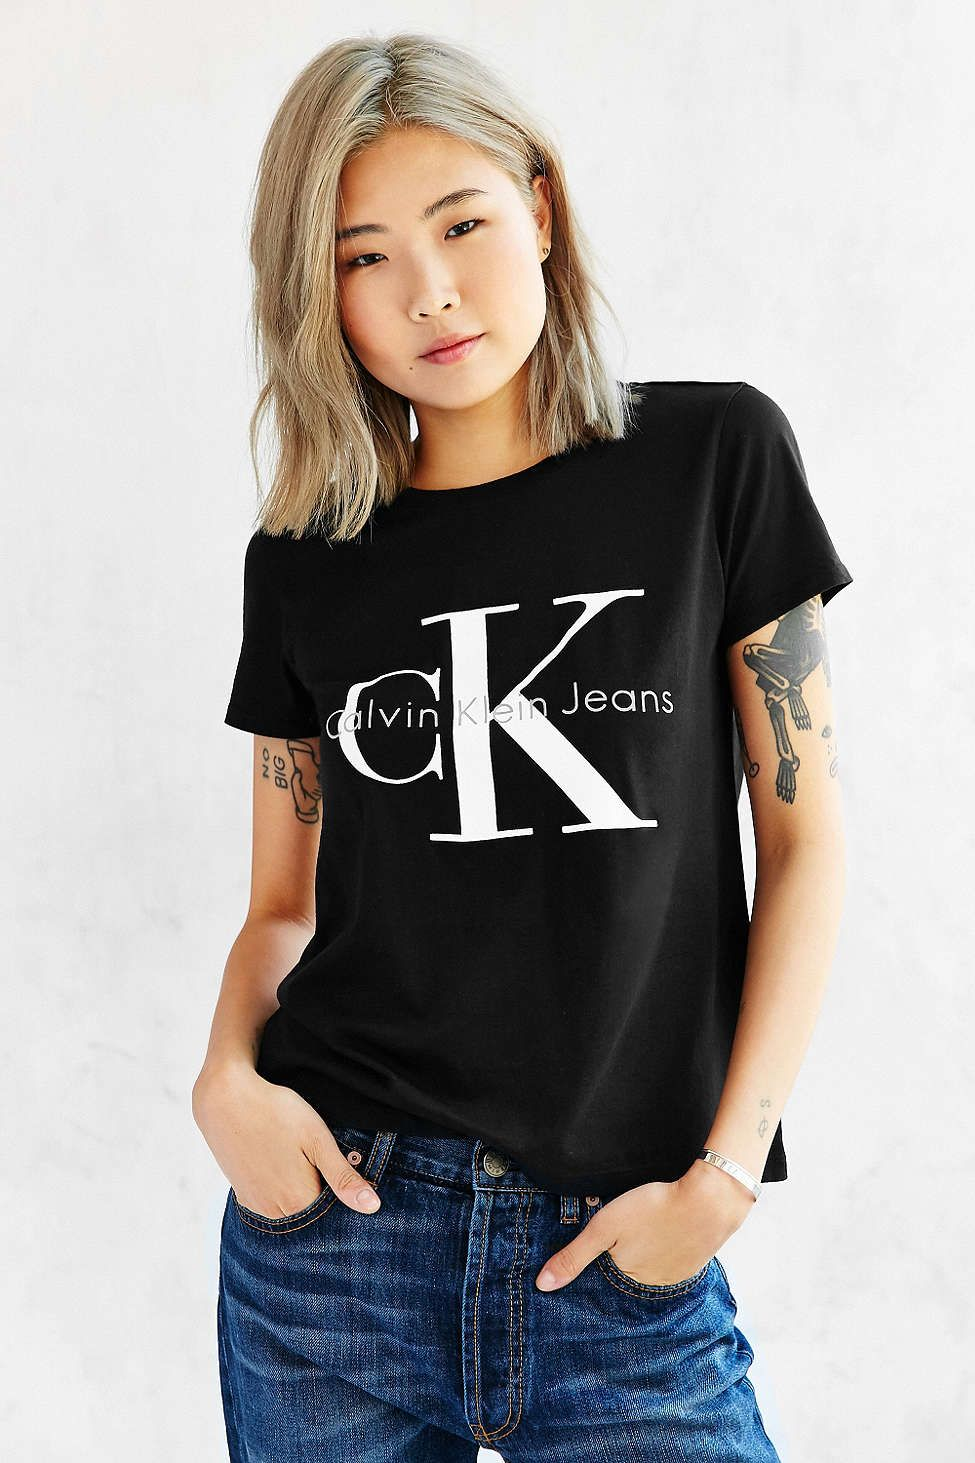 Calvin Klein Tee Shirt | Calvin klein outfits, Calvin klein